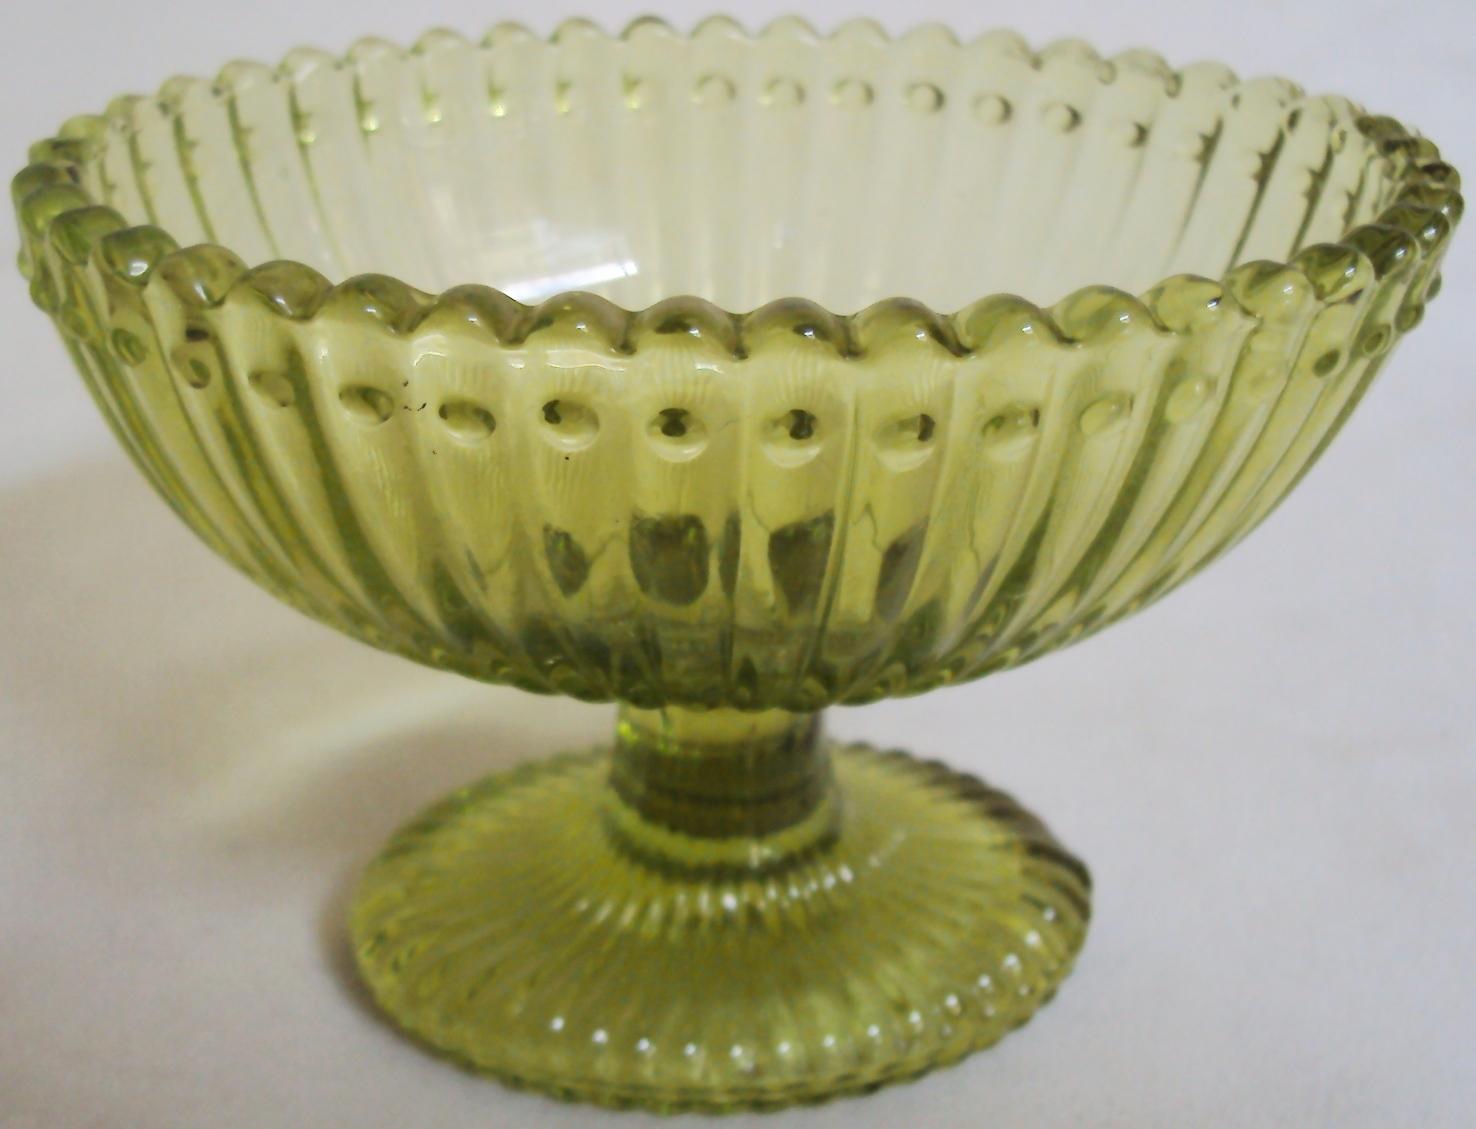 CR 312 – Petisqueira pequena em forma de taça de vidro verde decorado com relevos ondulados